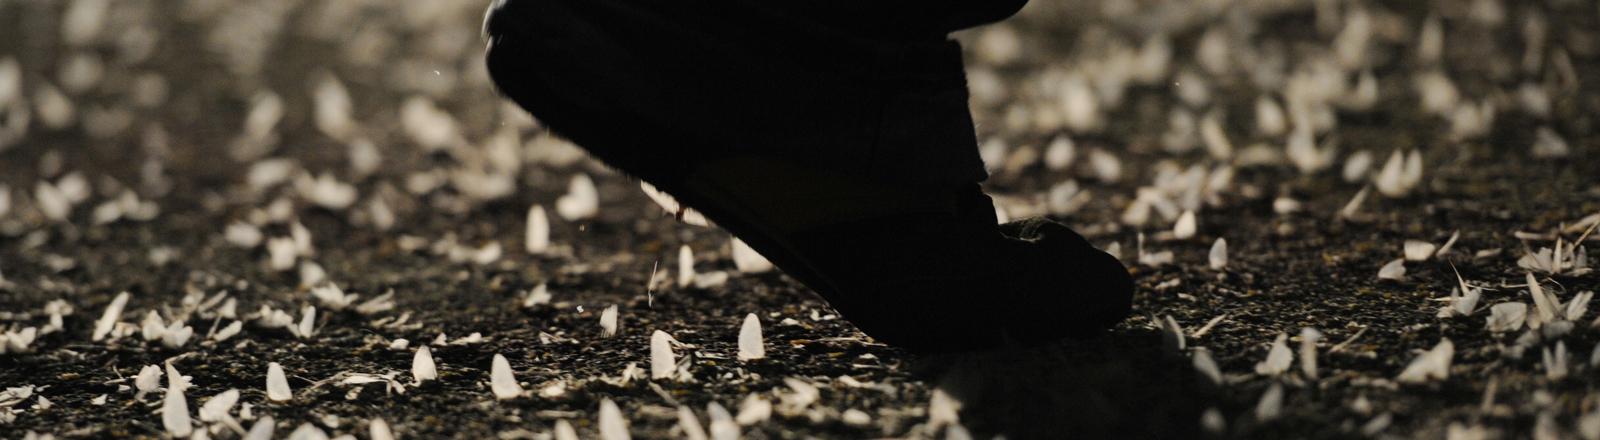 Toten Fliegen auf Straße